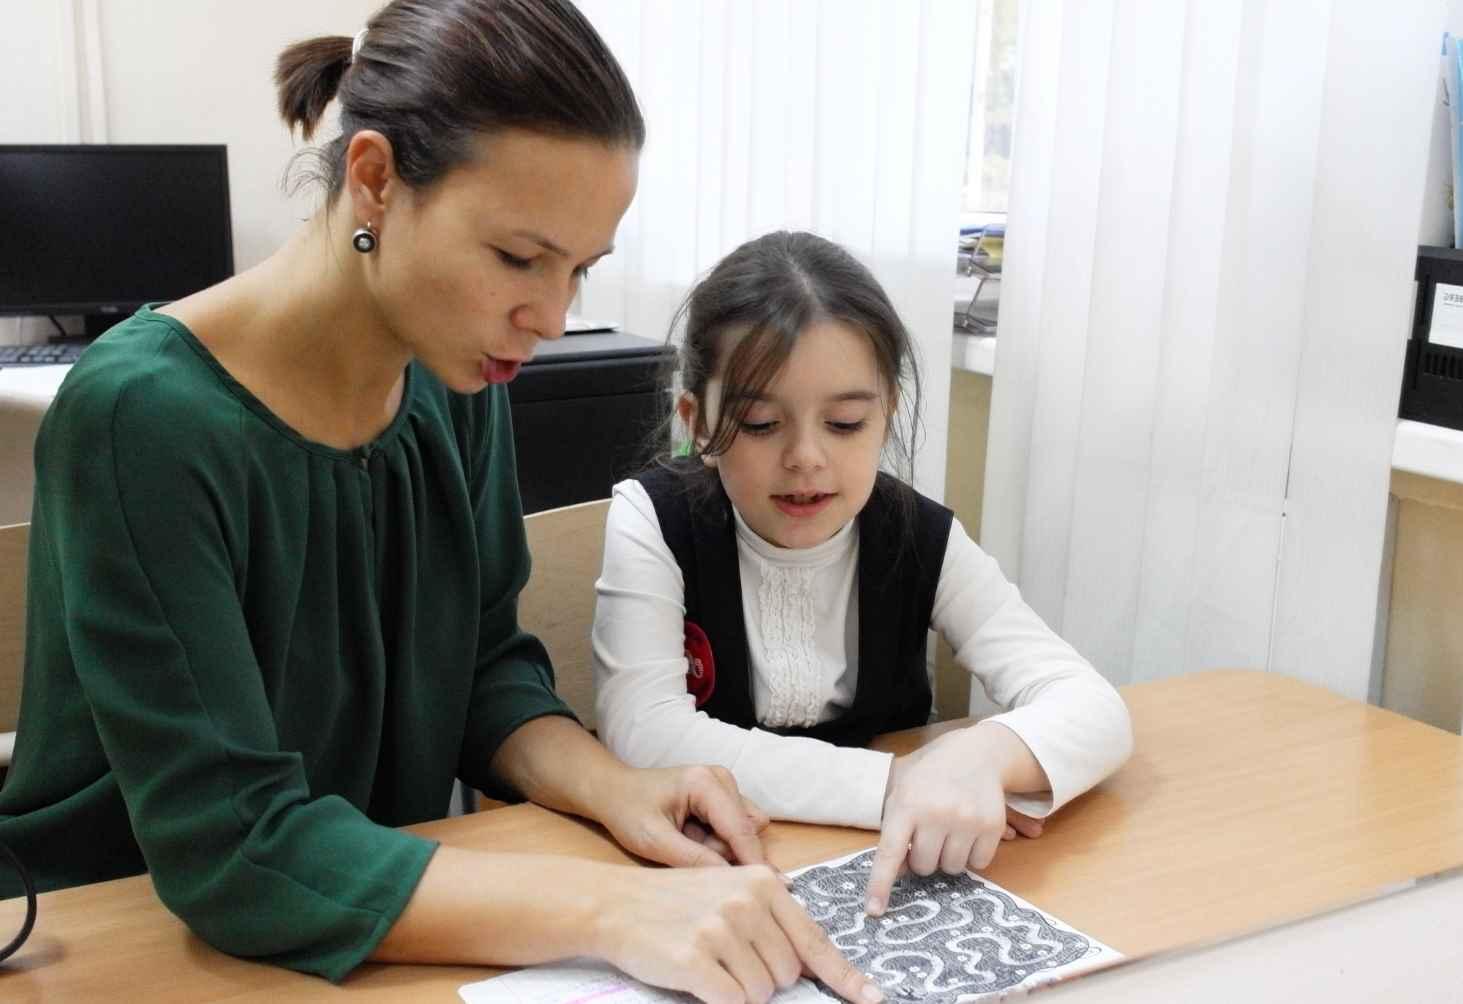 v-rossii-okolo-22-detej-s-autizmom-poluchayut-inklyuzivnoe-obrazovanie